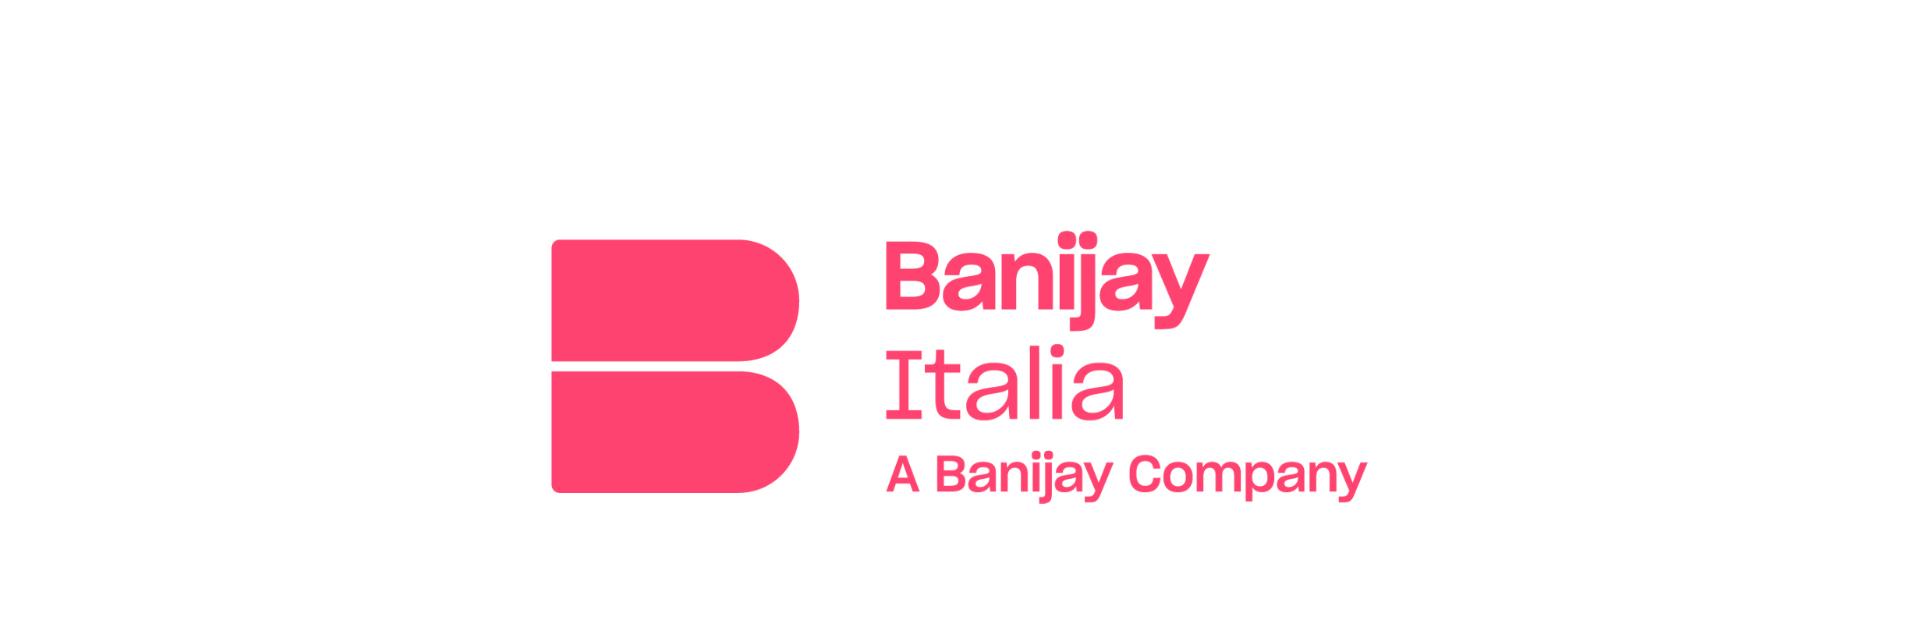 Banijay Italia